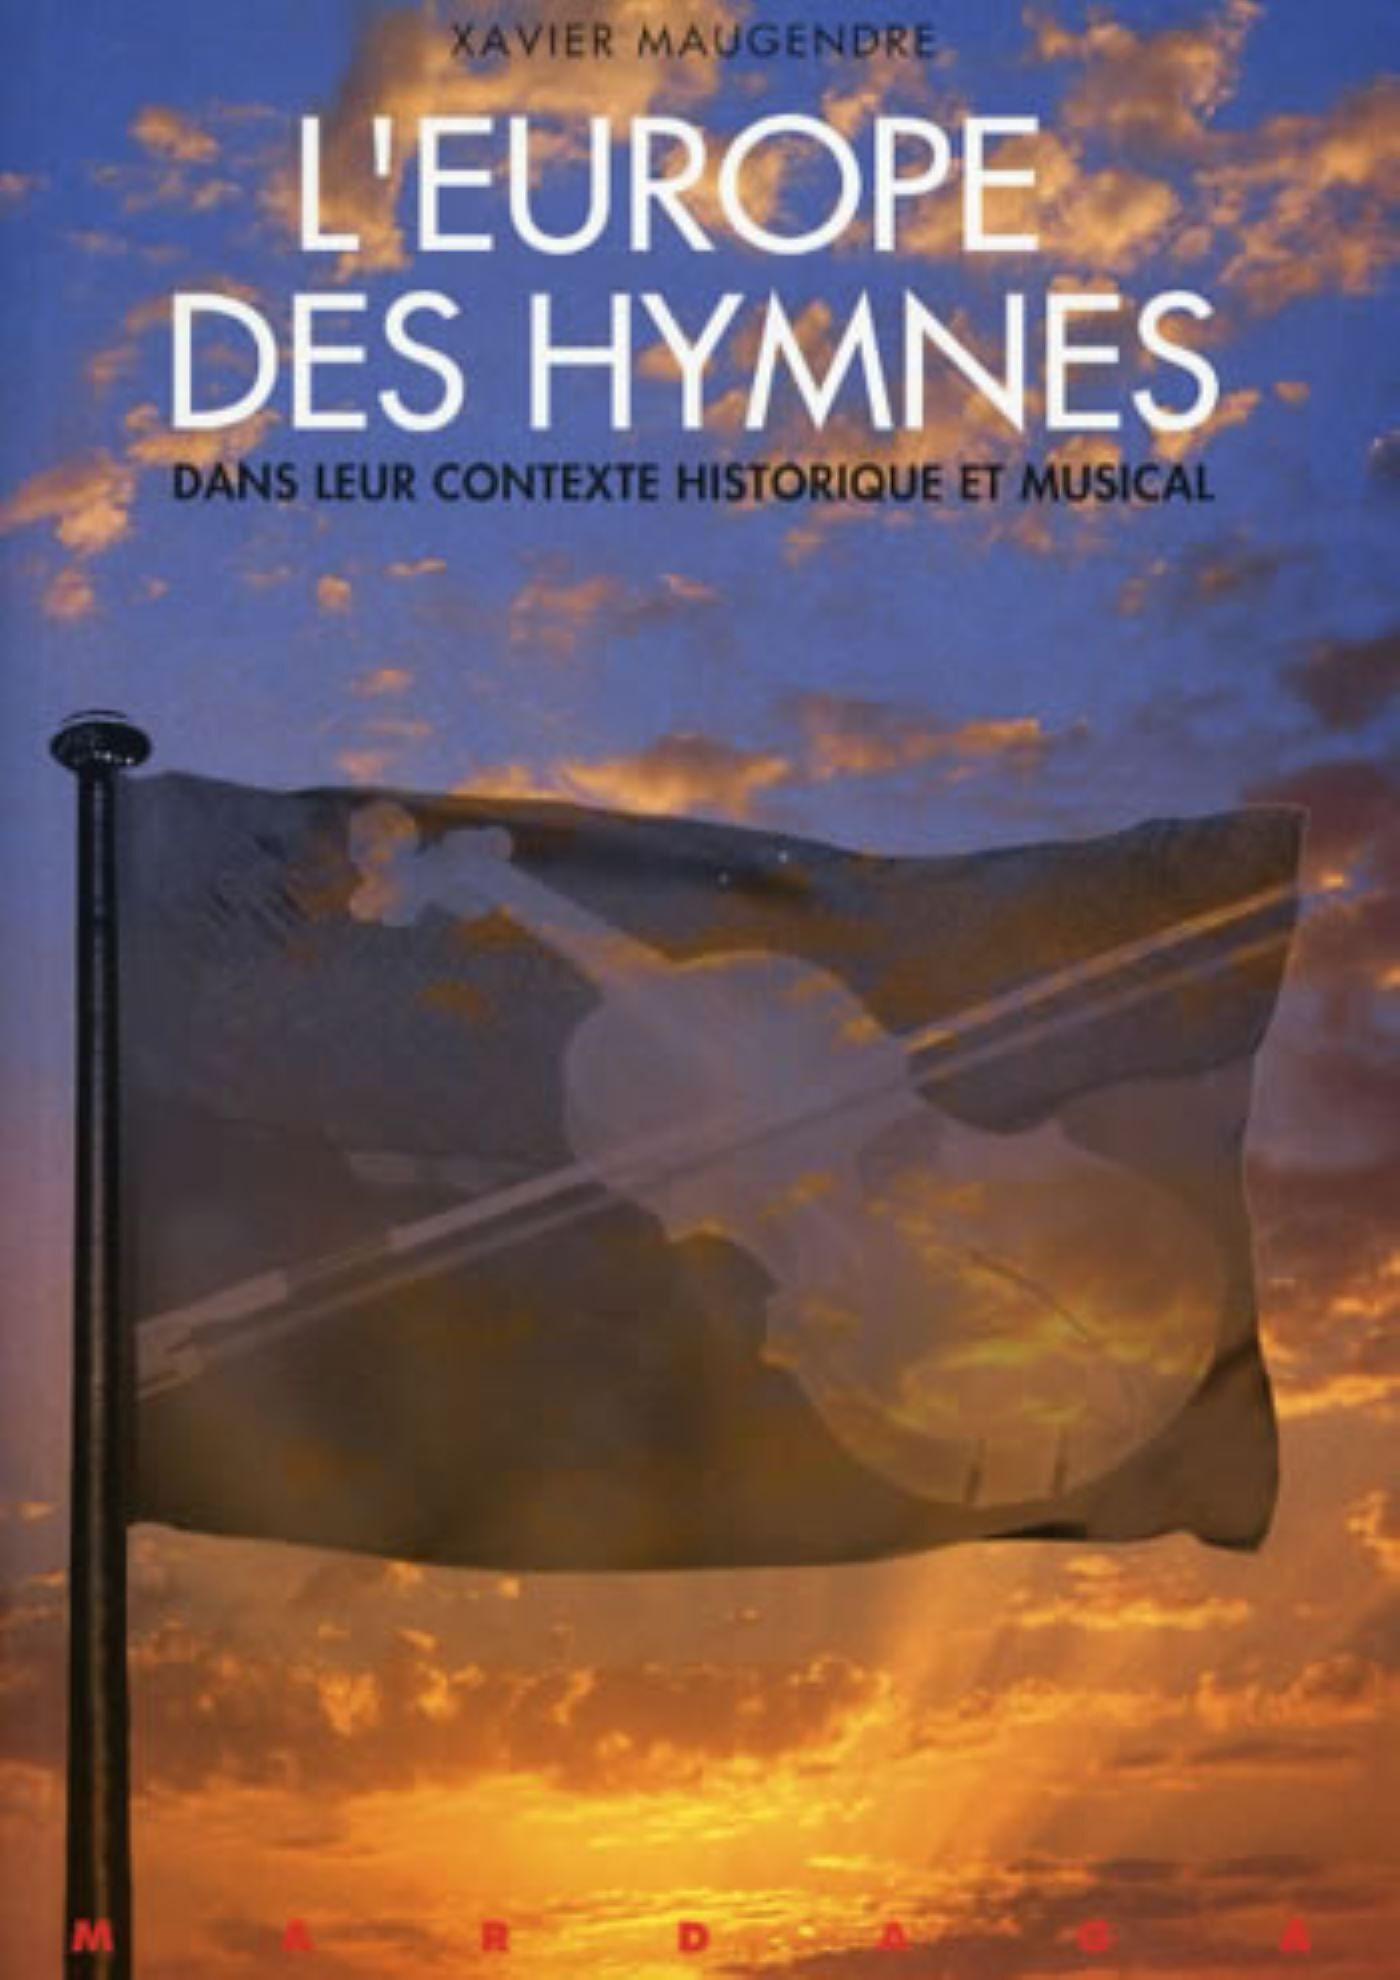 EUROPE DES HYMNES (L')